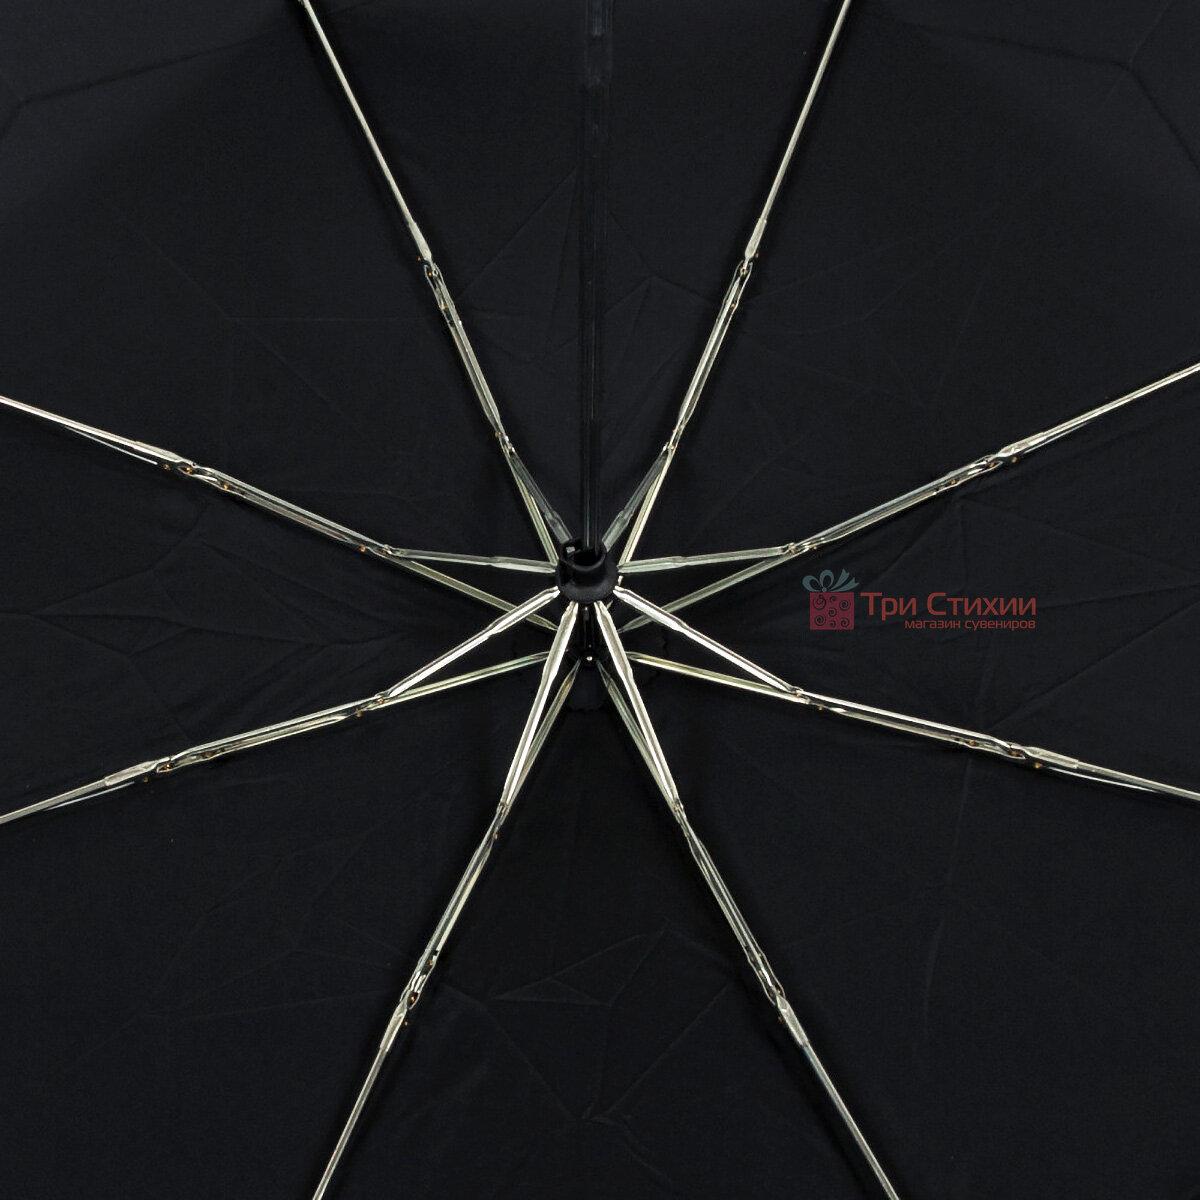 Зонт складной Fulton Stowaway Deluxe-1 L449 механический Черный (L449-000274), фото 3